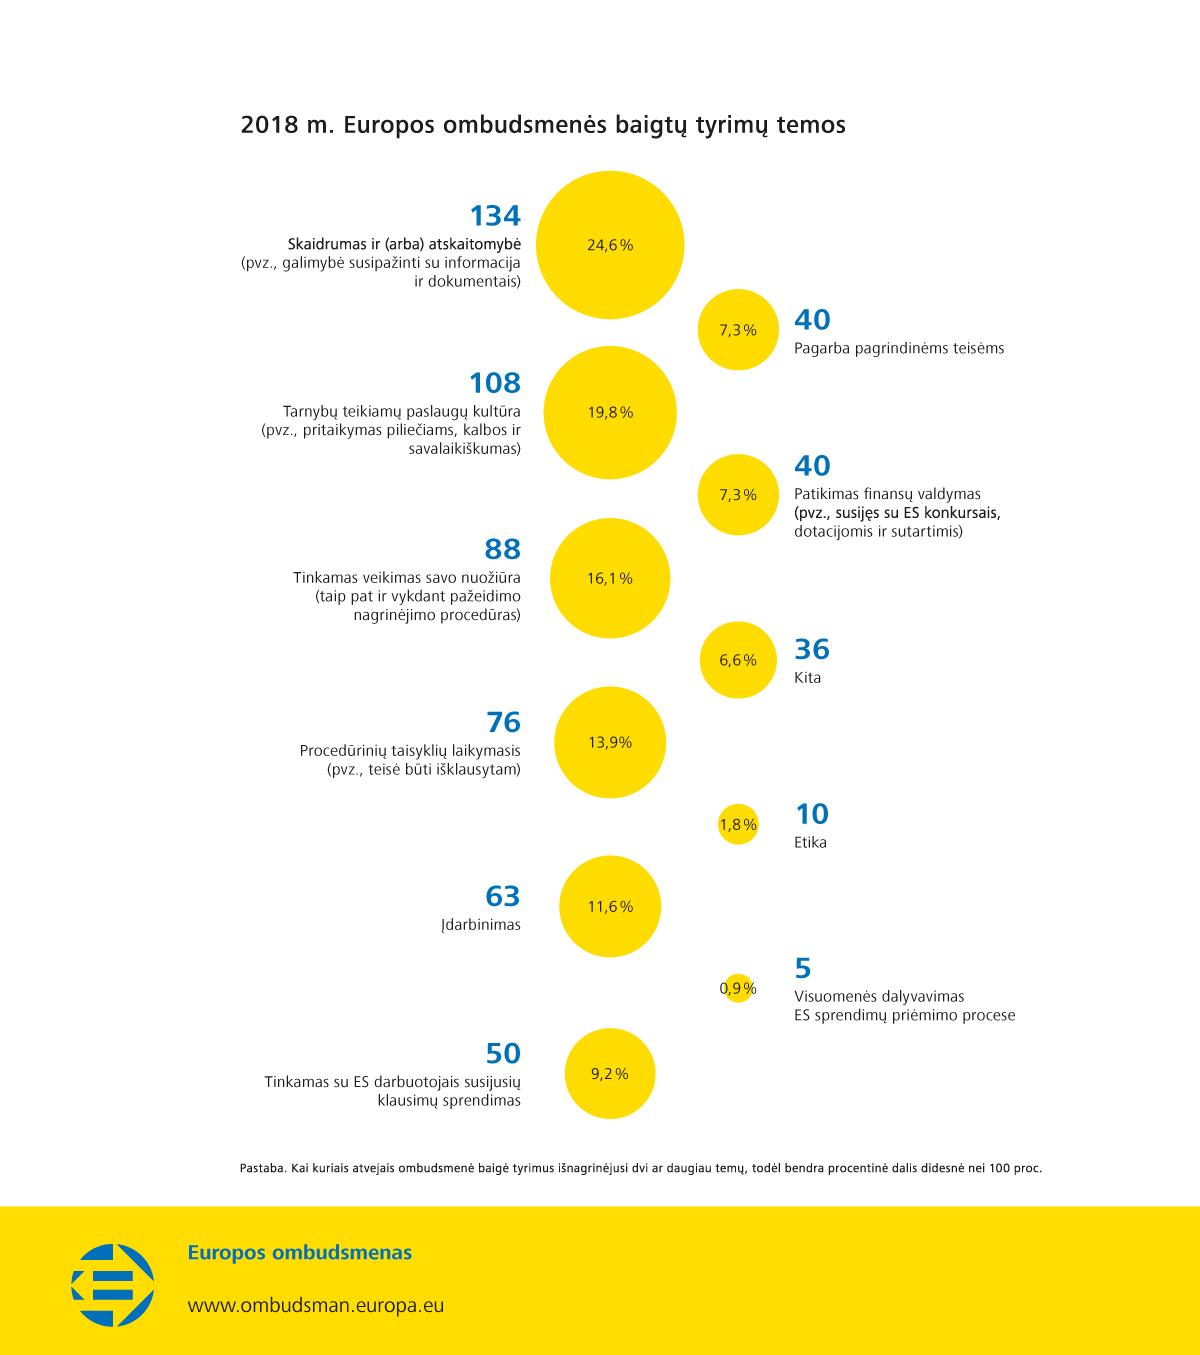 2018 m. Europos ombudsmenės baigtų tyrimų temos